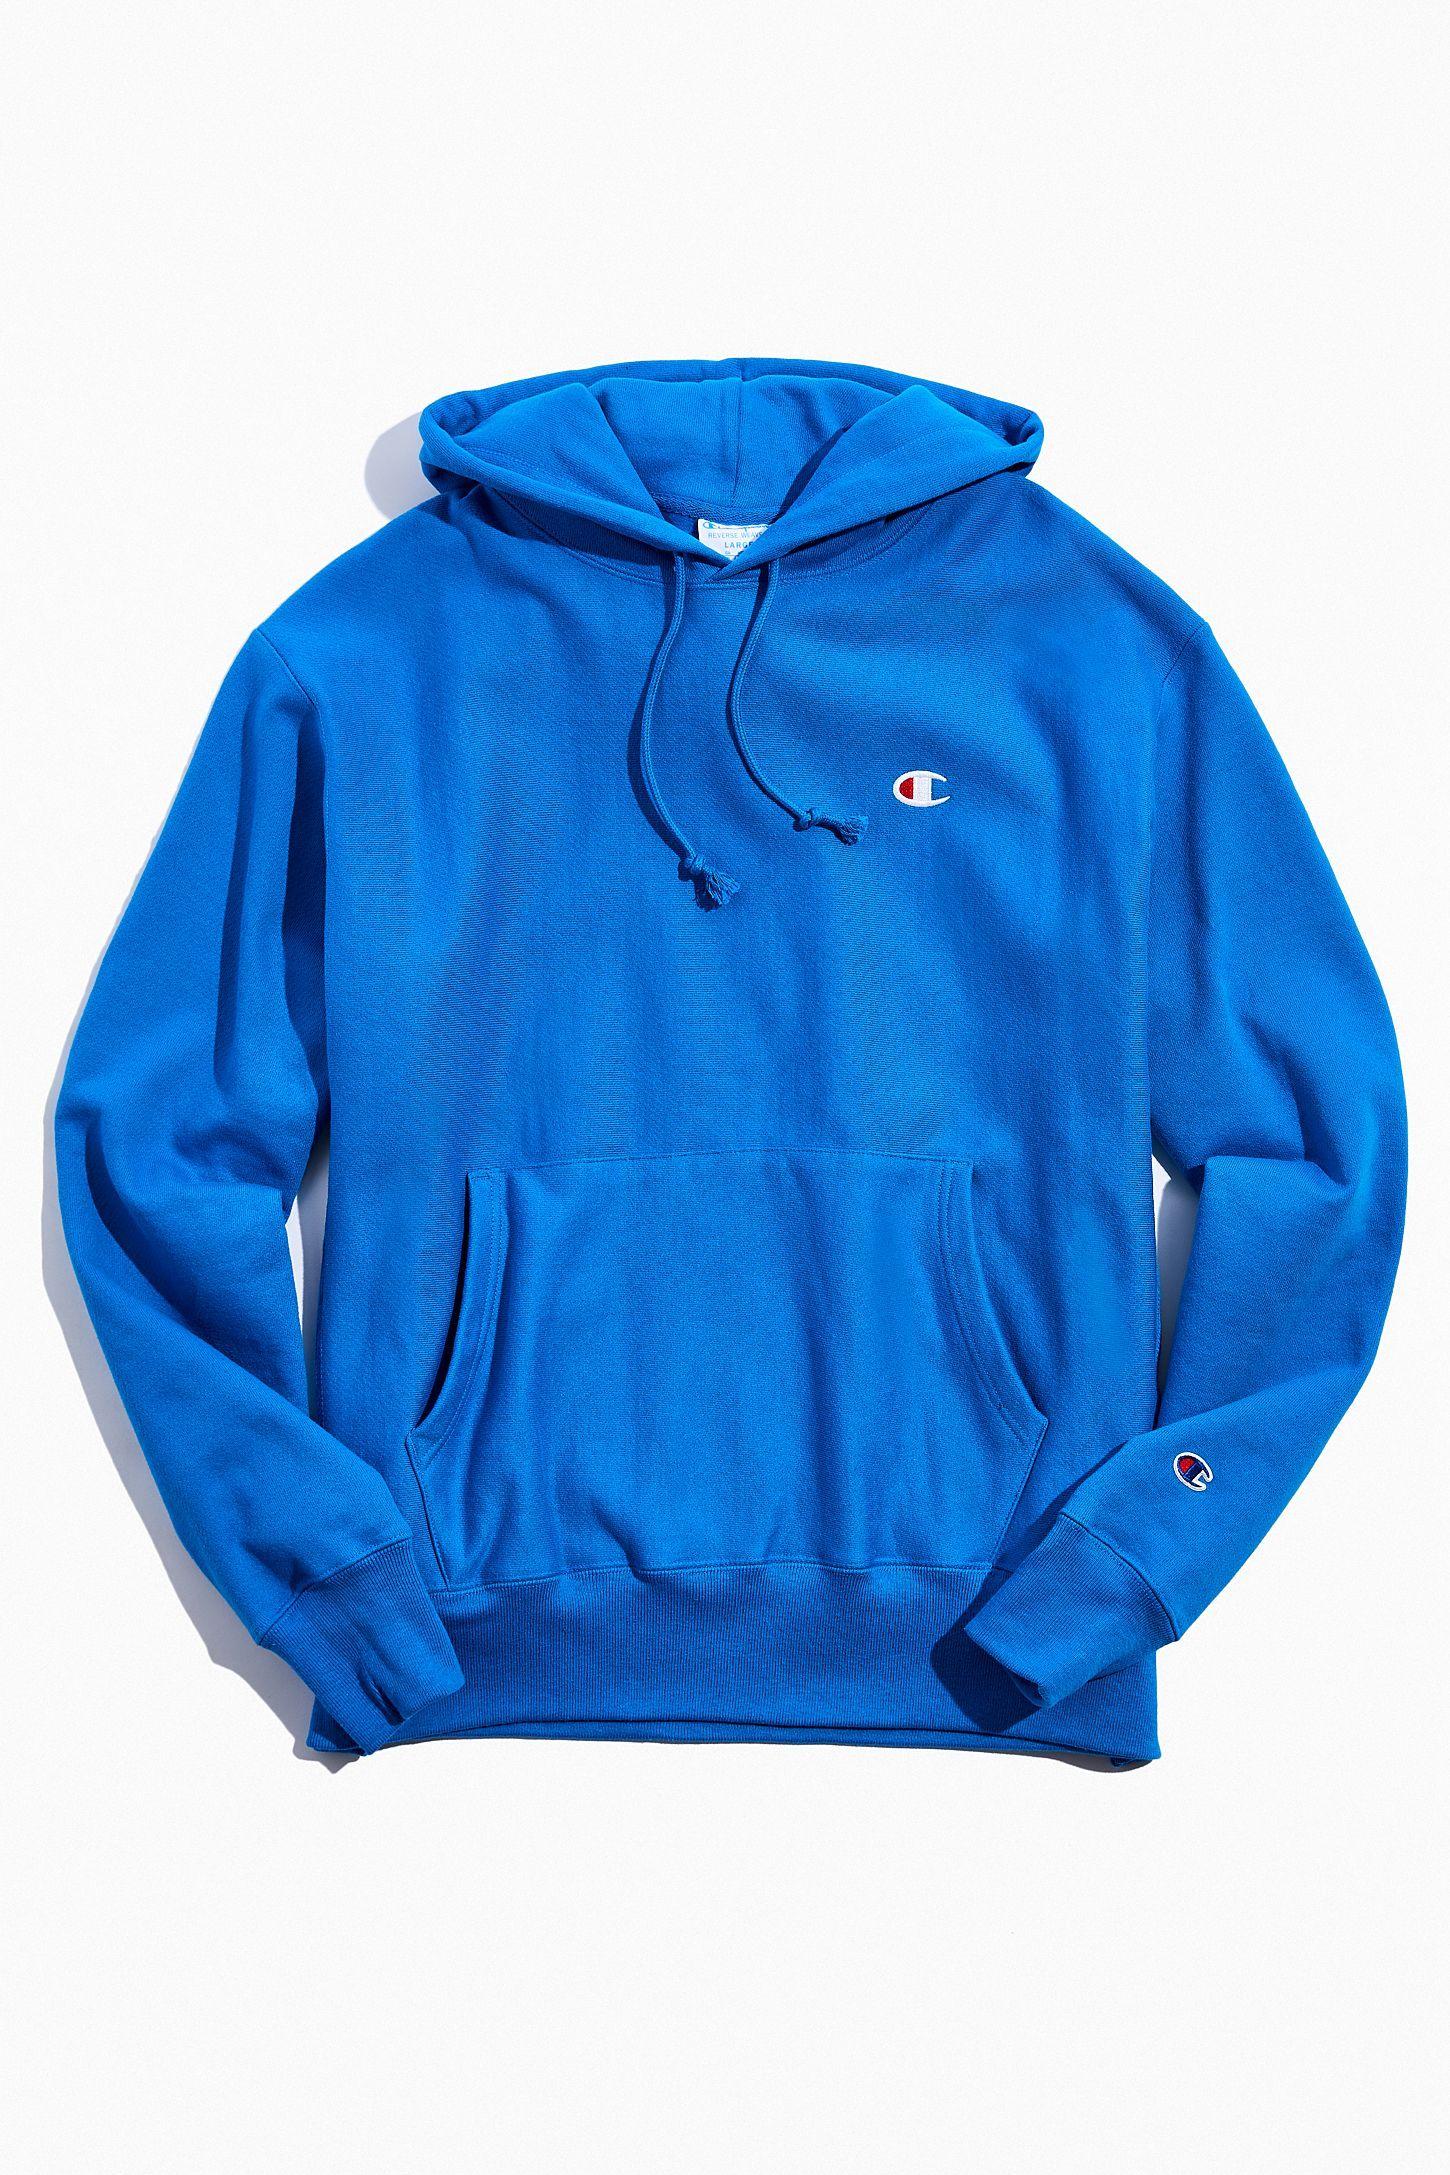 Champion Reverse Weave Hoodie Sweatshirt In 2020 Sweatshirts Hoodie Sweatshirts Stylish Hoodies [ 2175 x 1450 Pixel ]